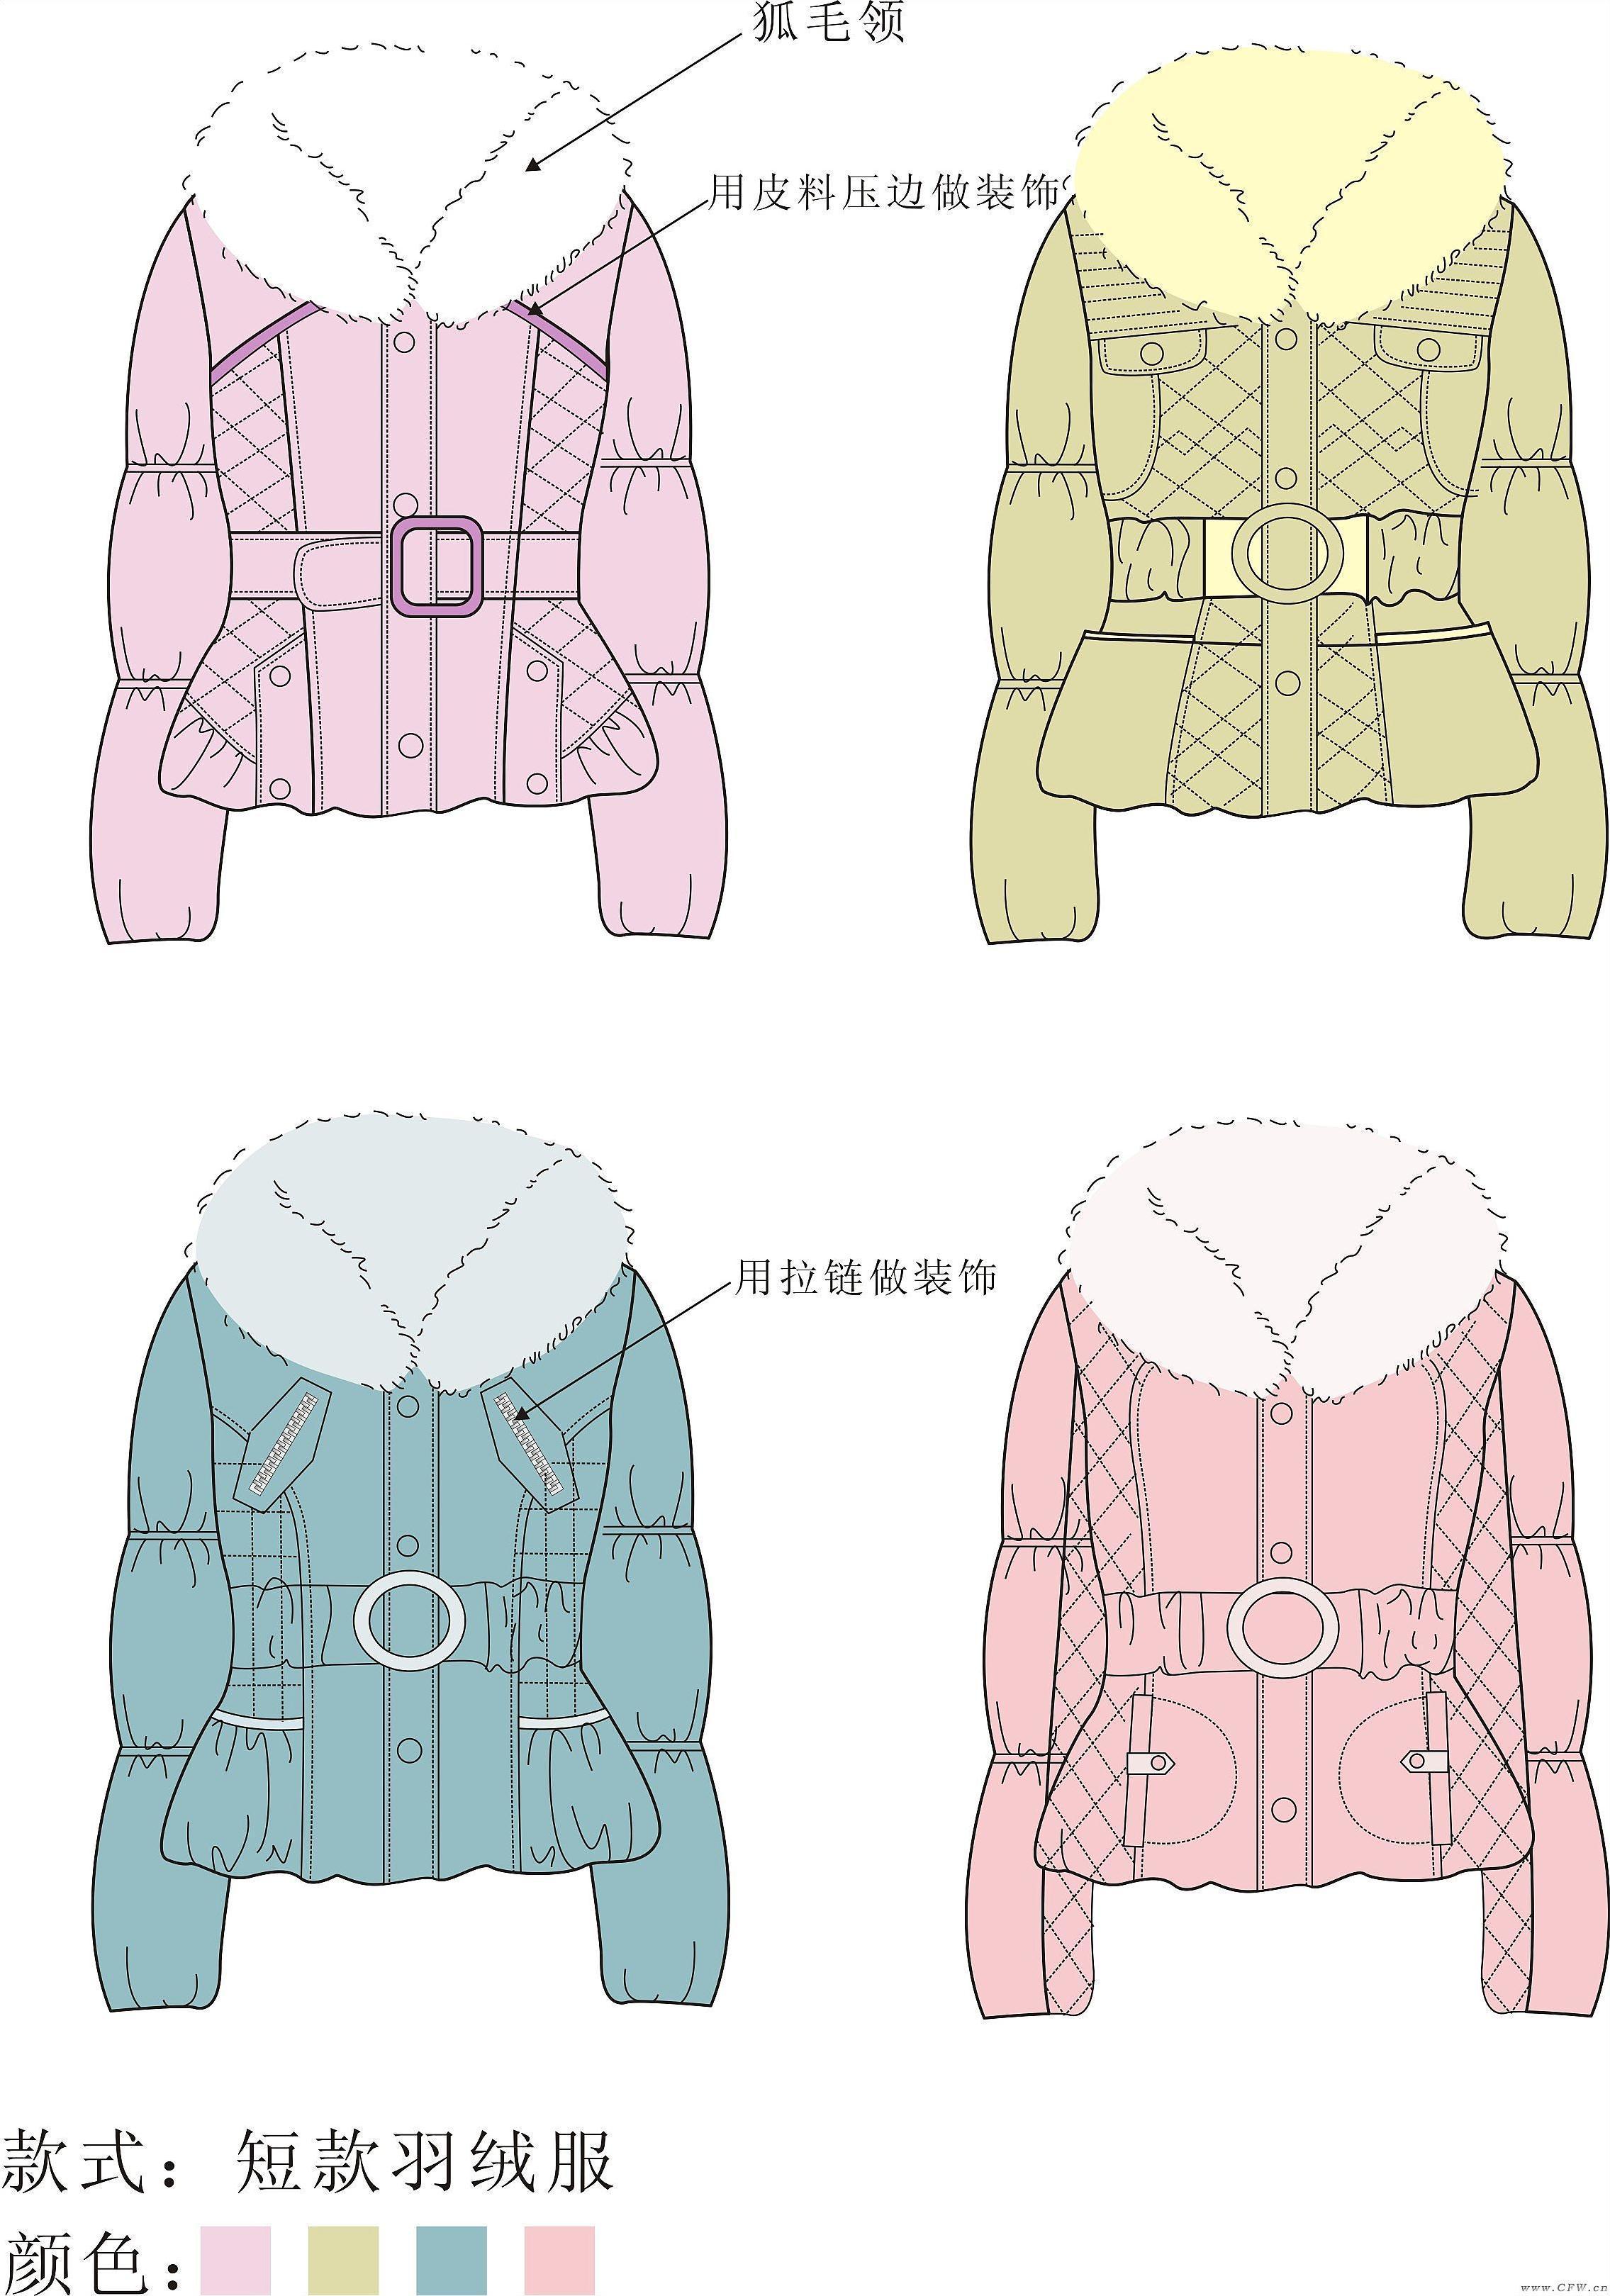 女装羽绒服作品作品-女装羽绒服作品款式图